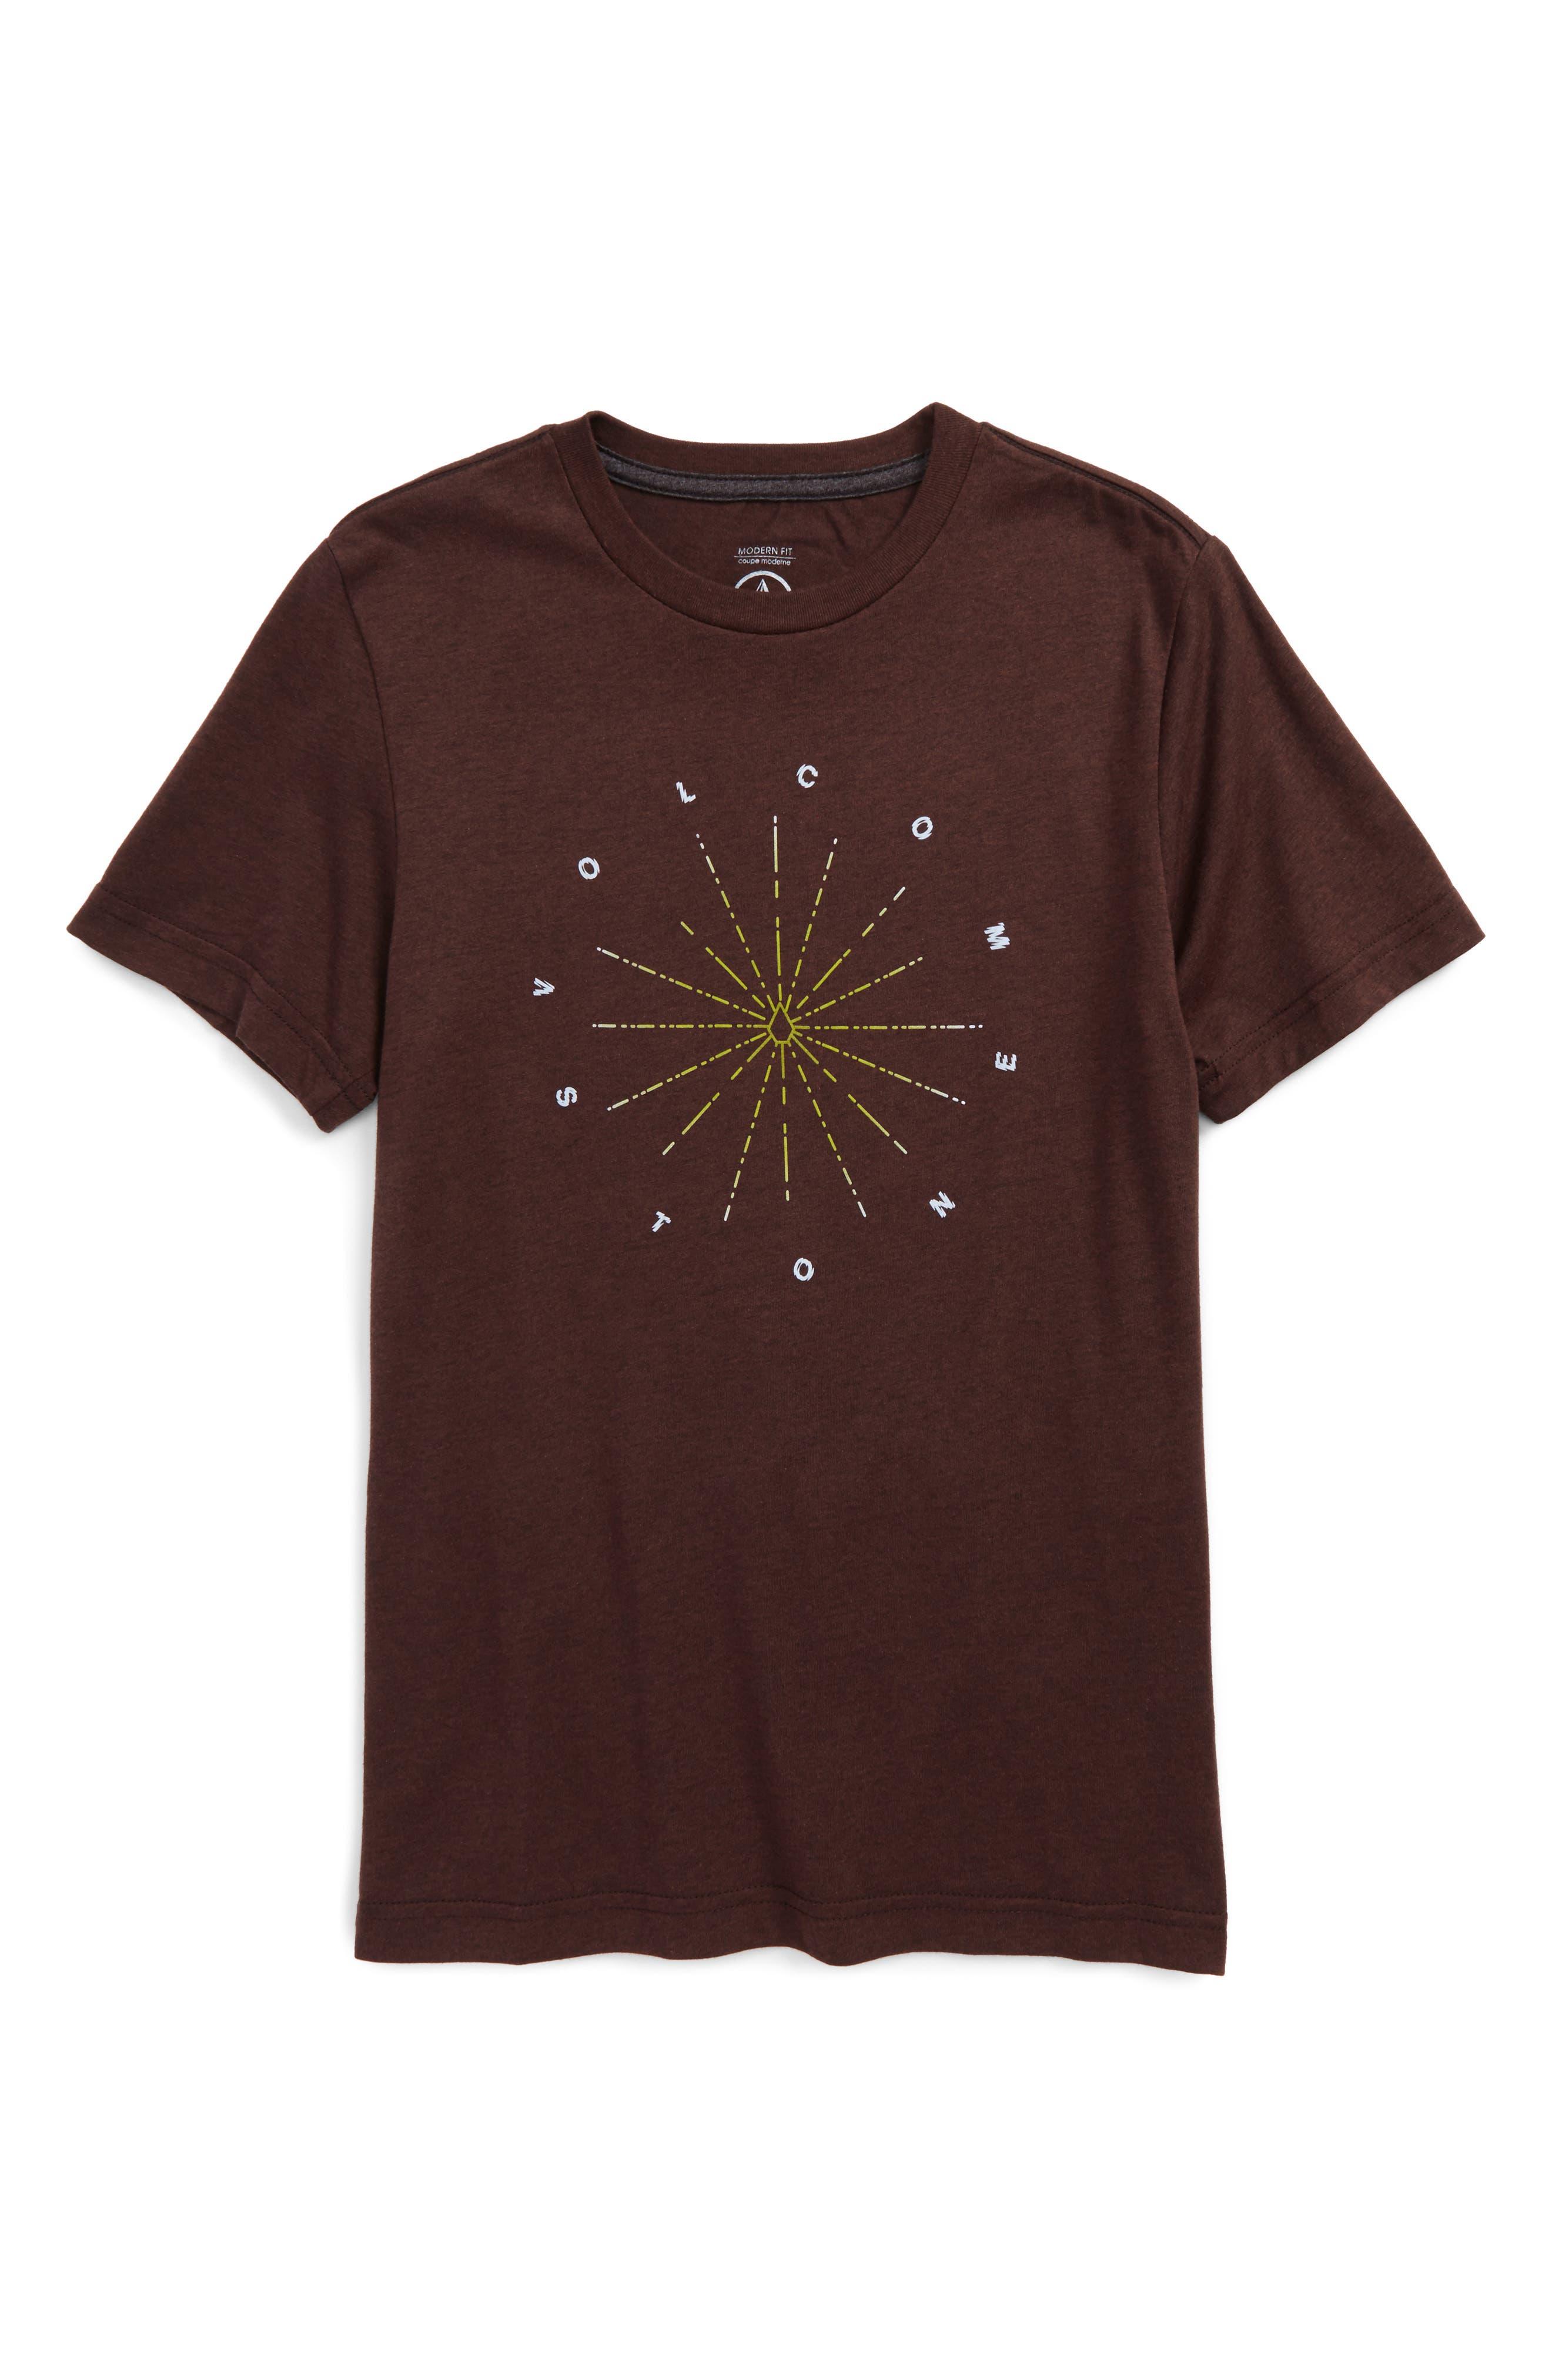 Volcom Burst Graphic T-Shirt (Big Boys)